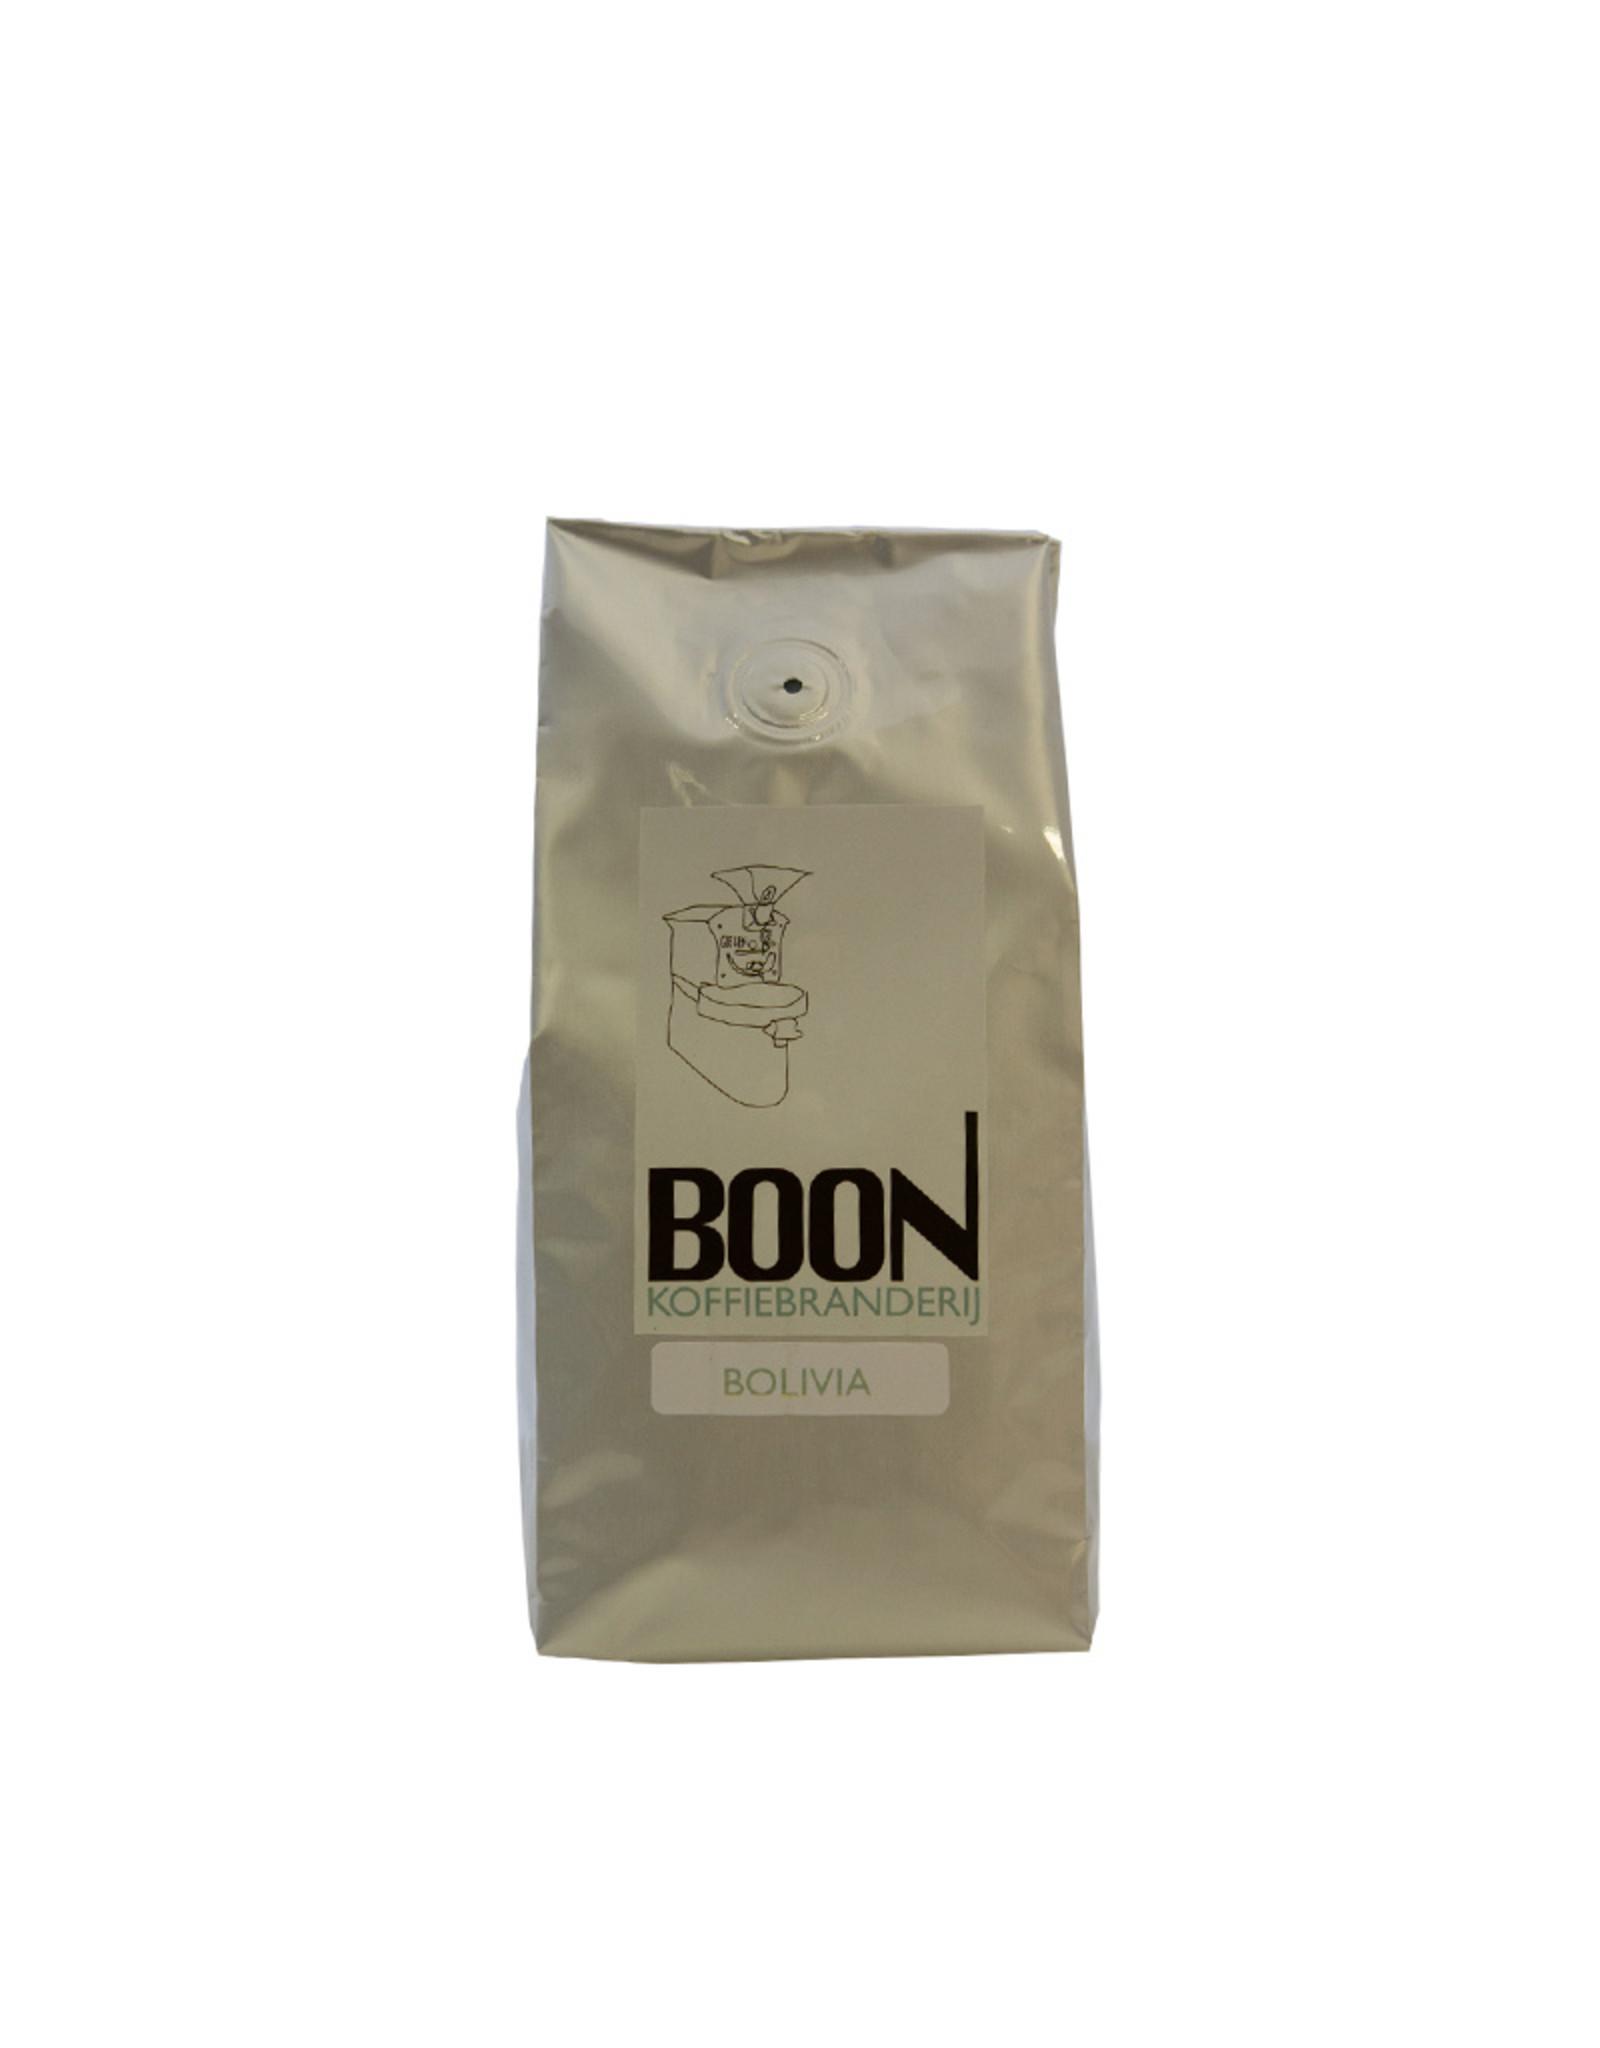 Boon Boon Bolivia 250gr - Espresso